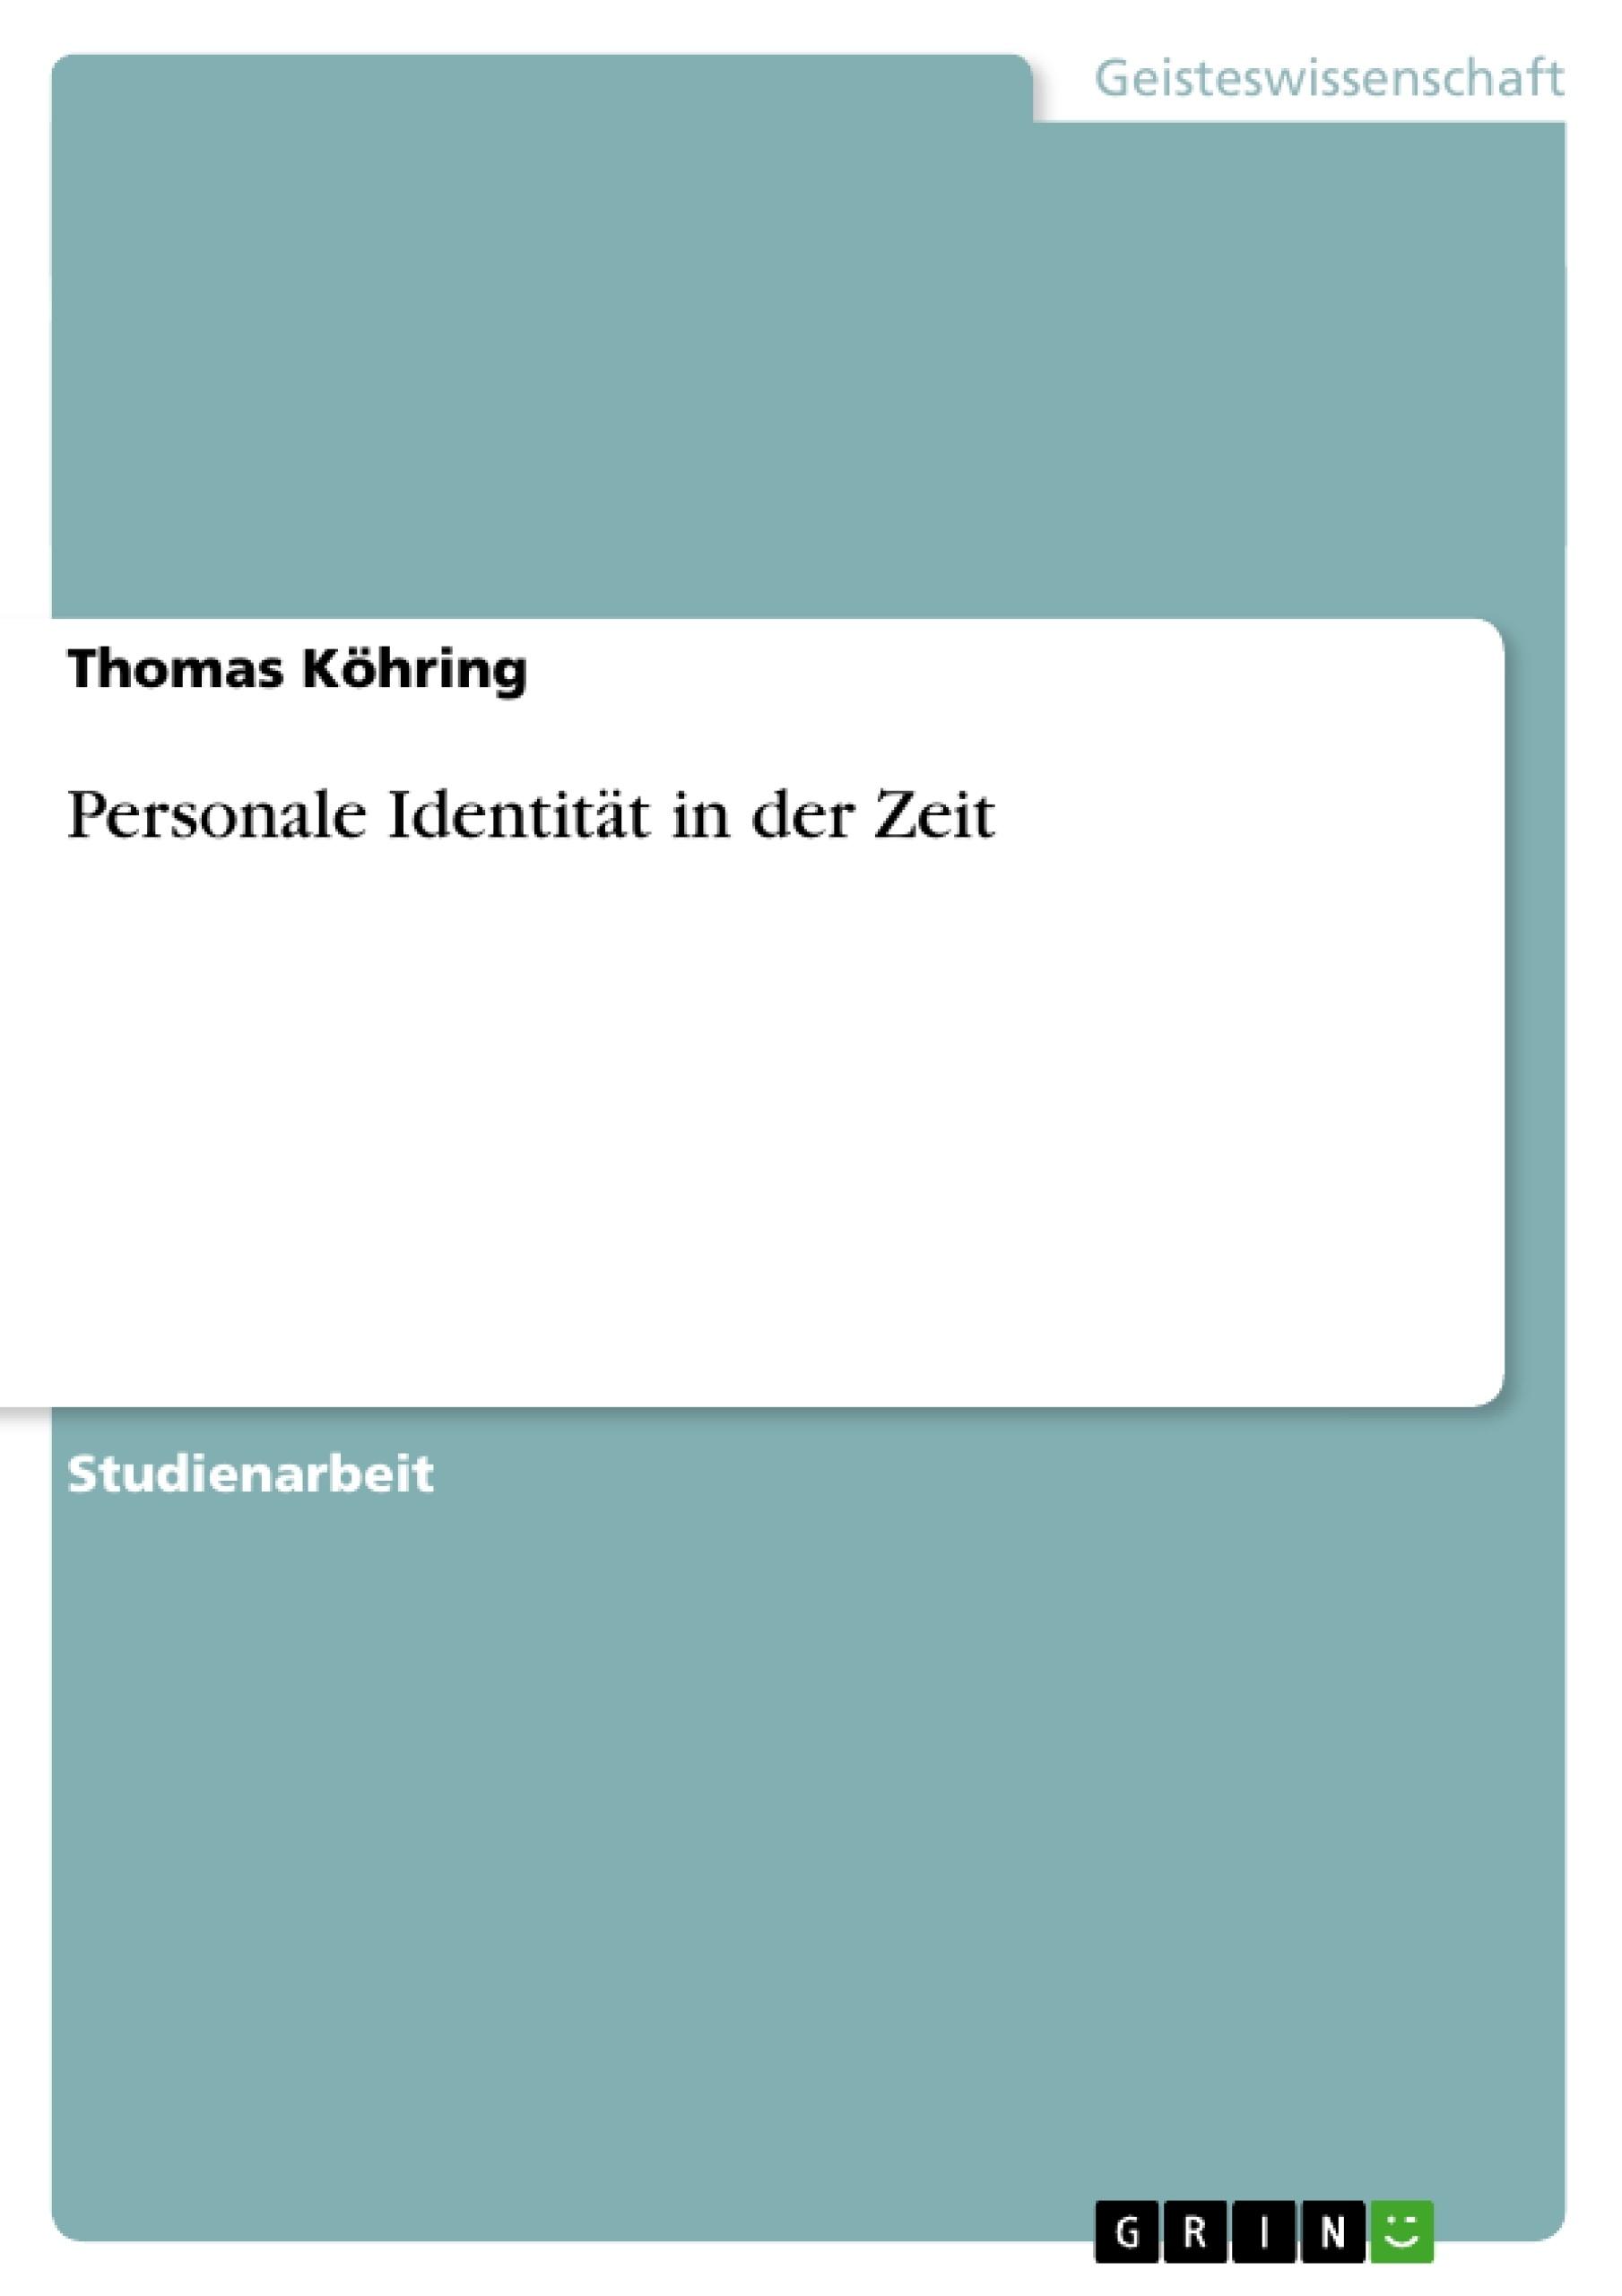 Titel: Personale Identität in der Zeit